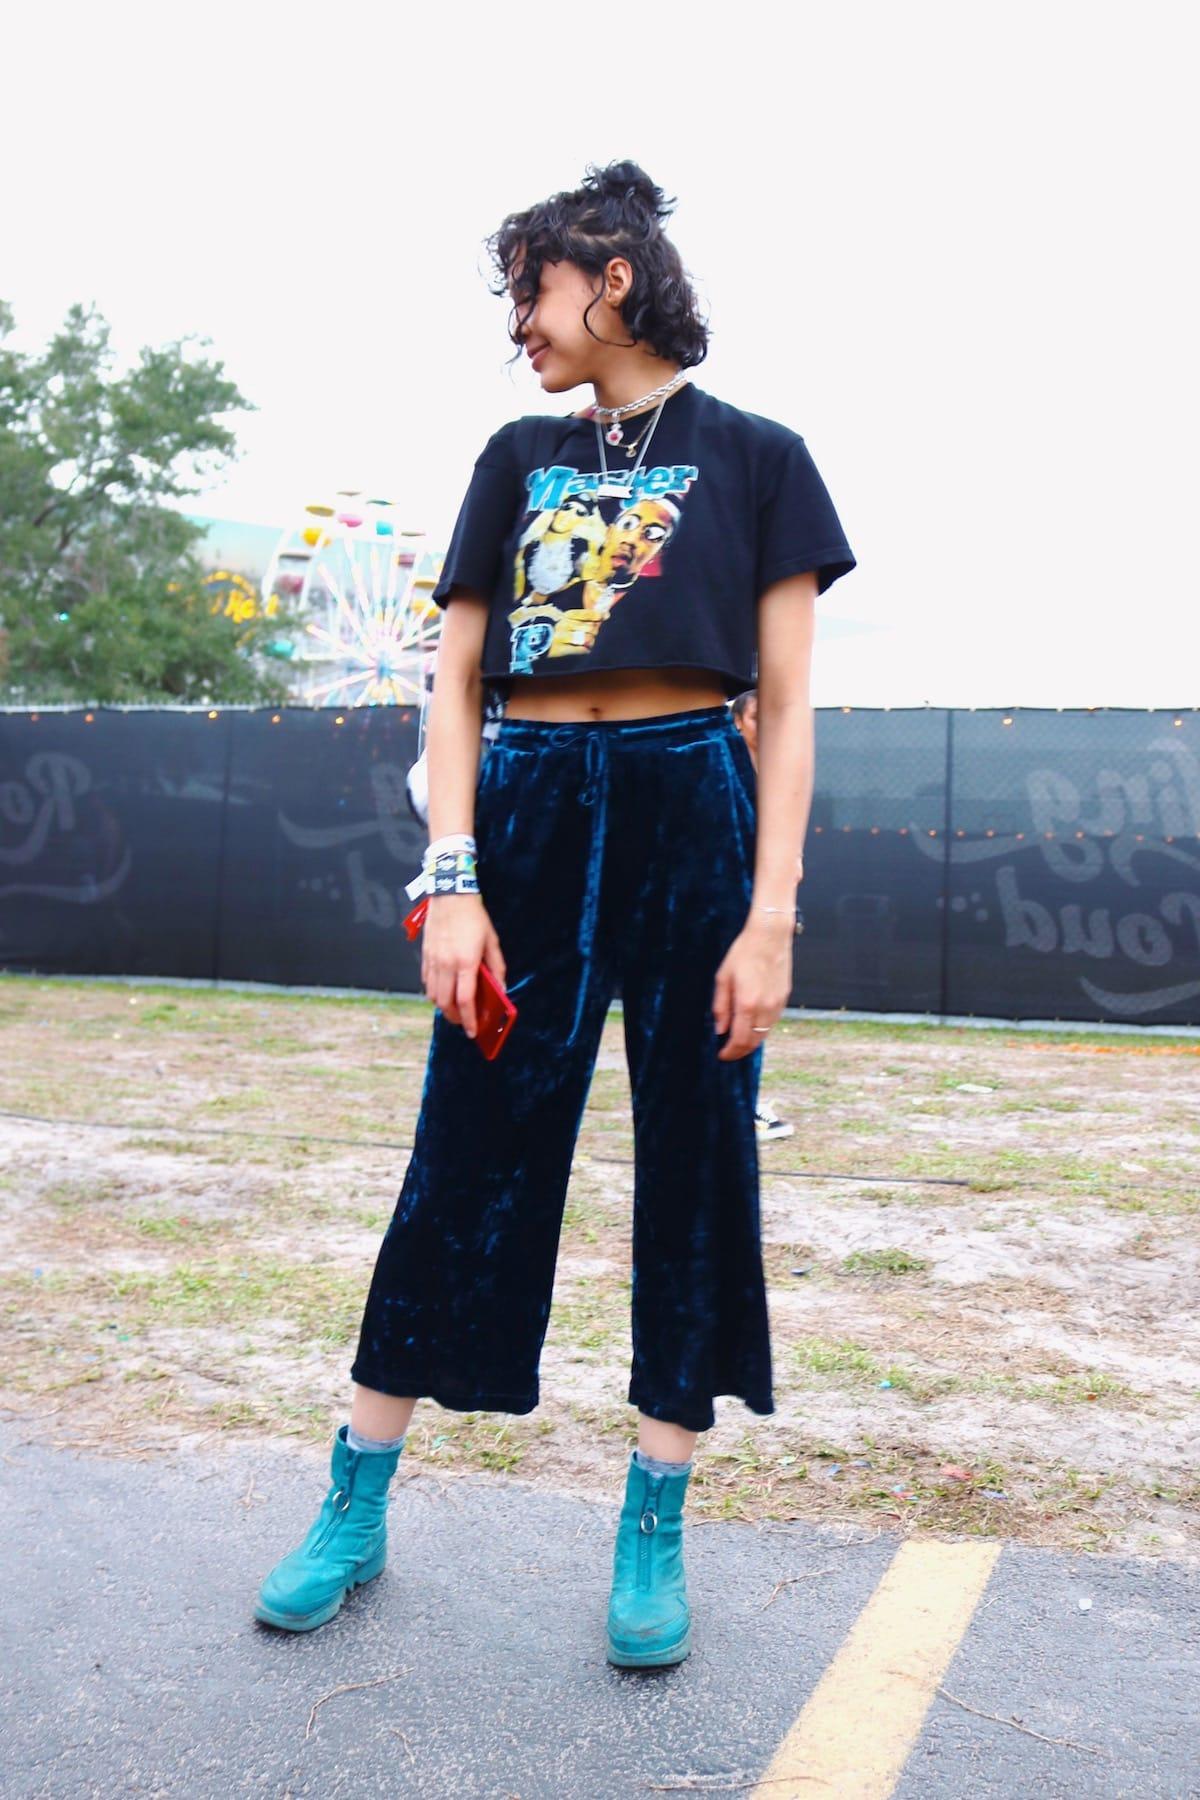 世界No.1ヒップホップフェス<Rolling Loud 2018>ファッションスナップ到着!最新のストリートスタイルをチェック! music180531_rollingloud_12-1200x1800